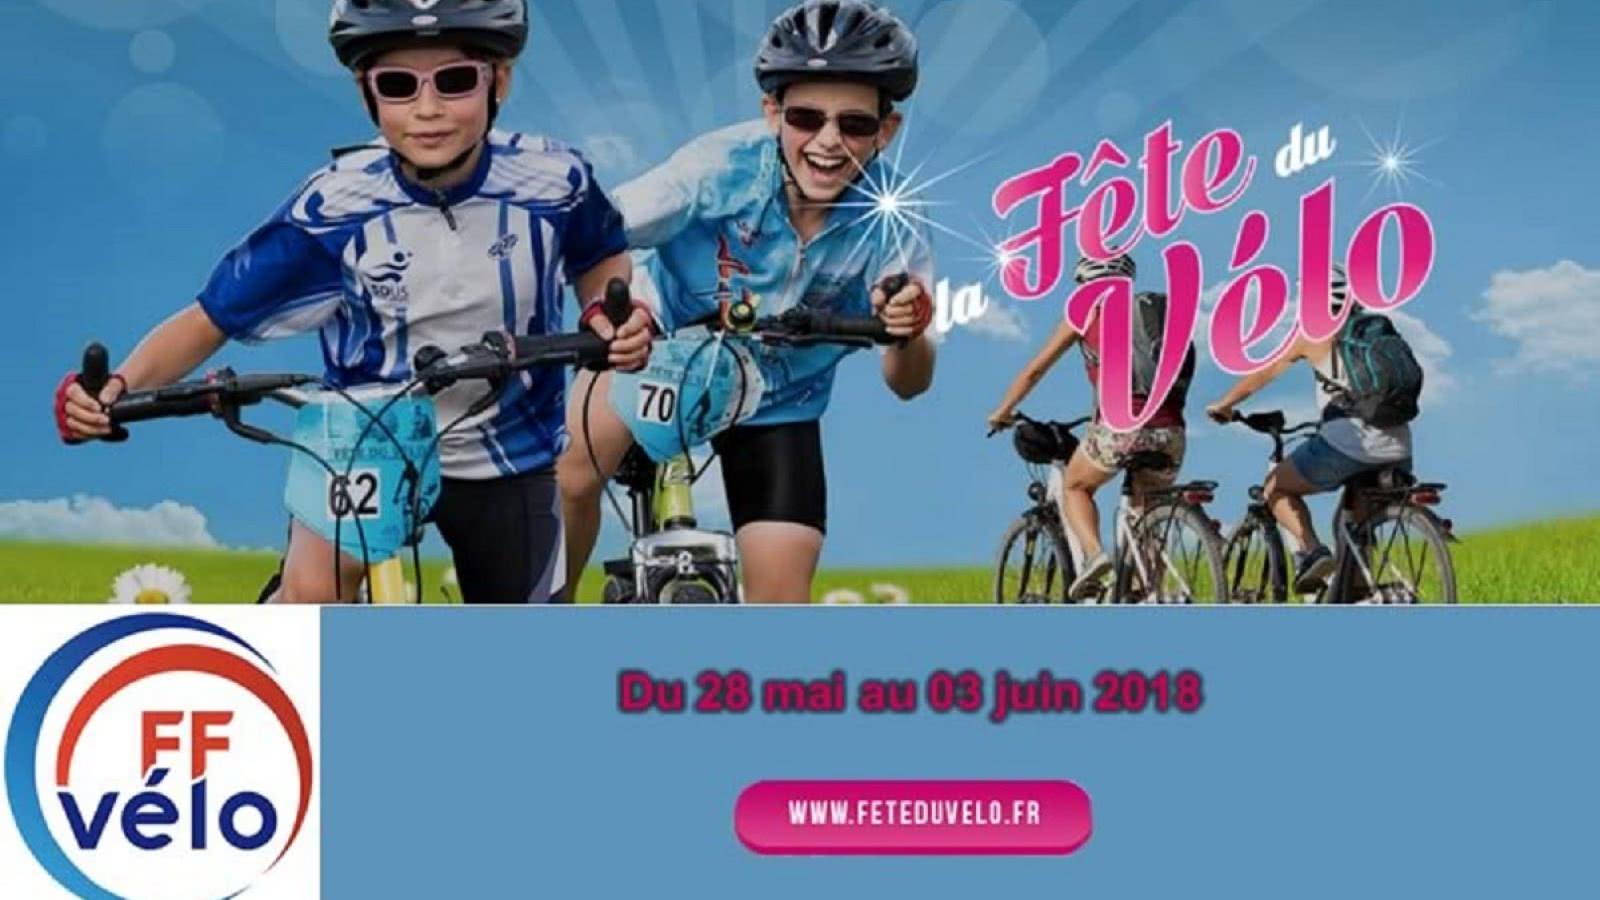 © fête du vélo 2018